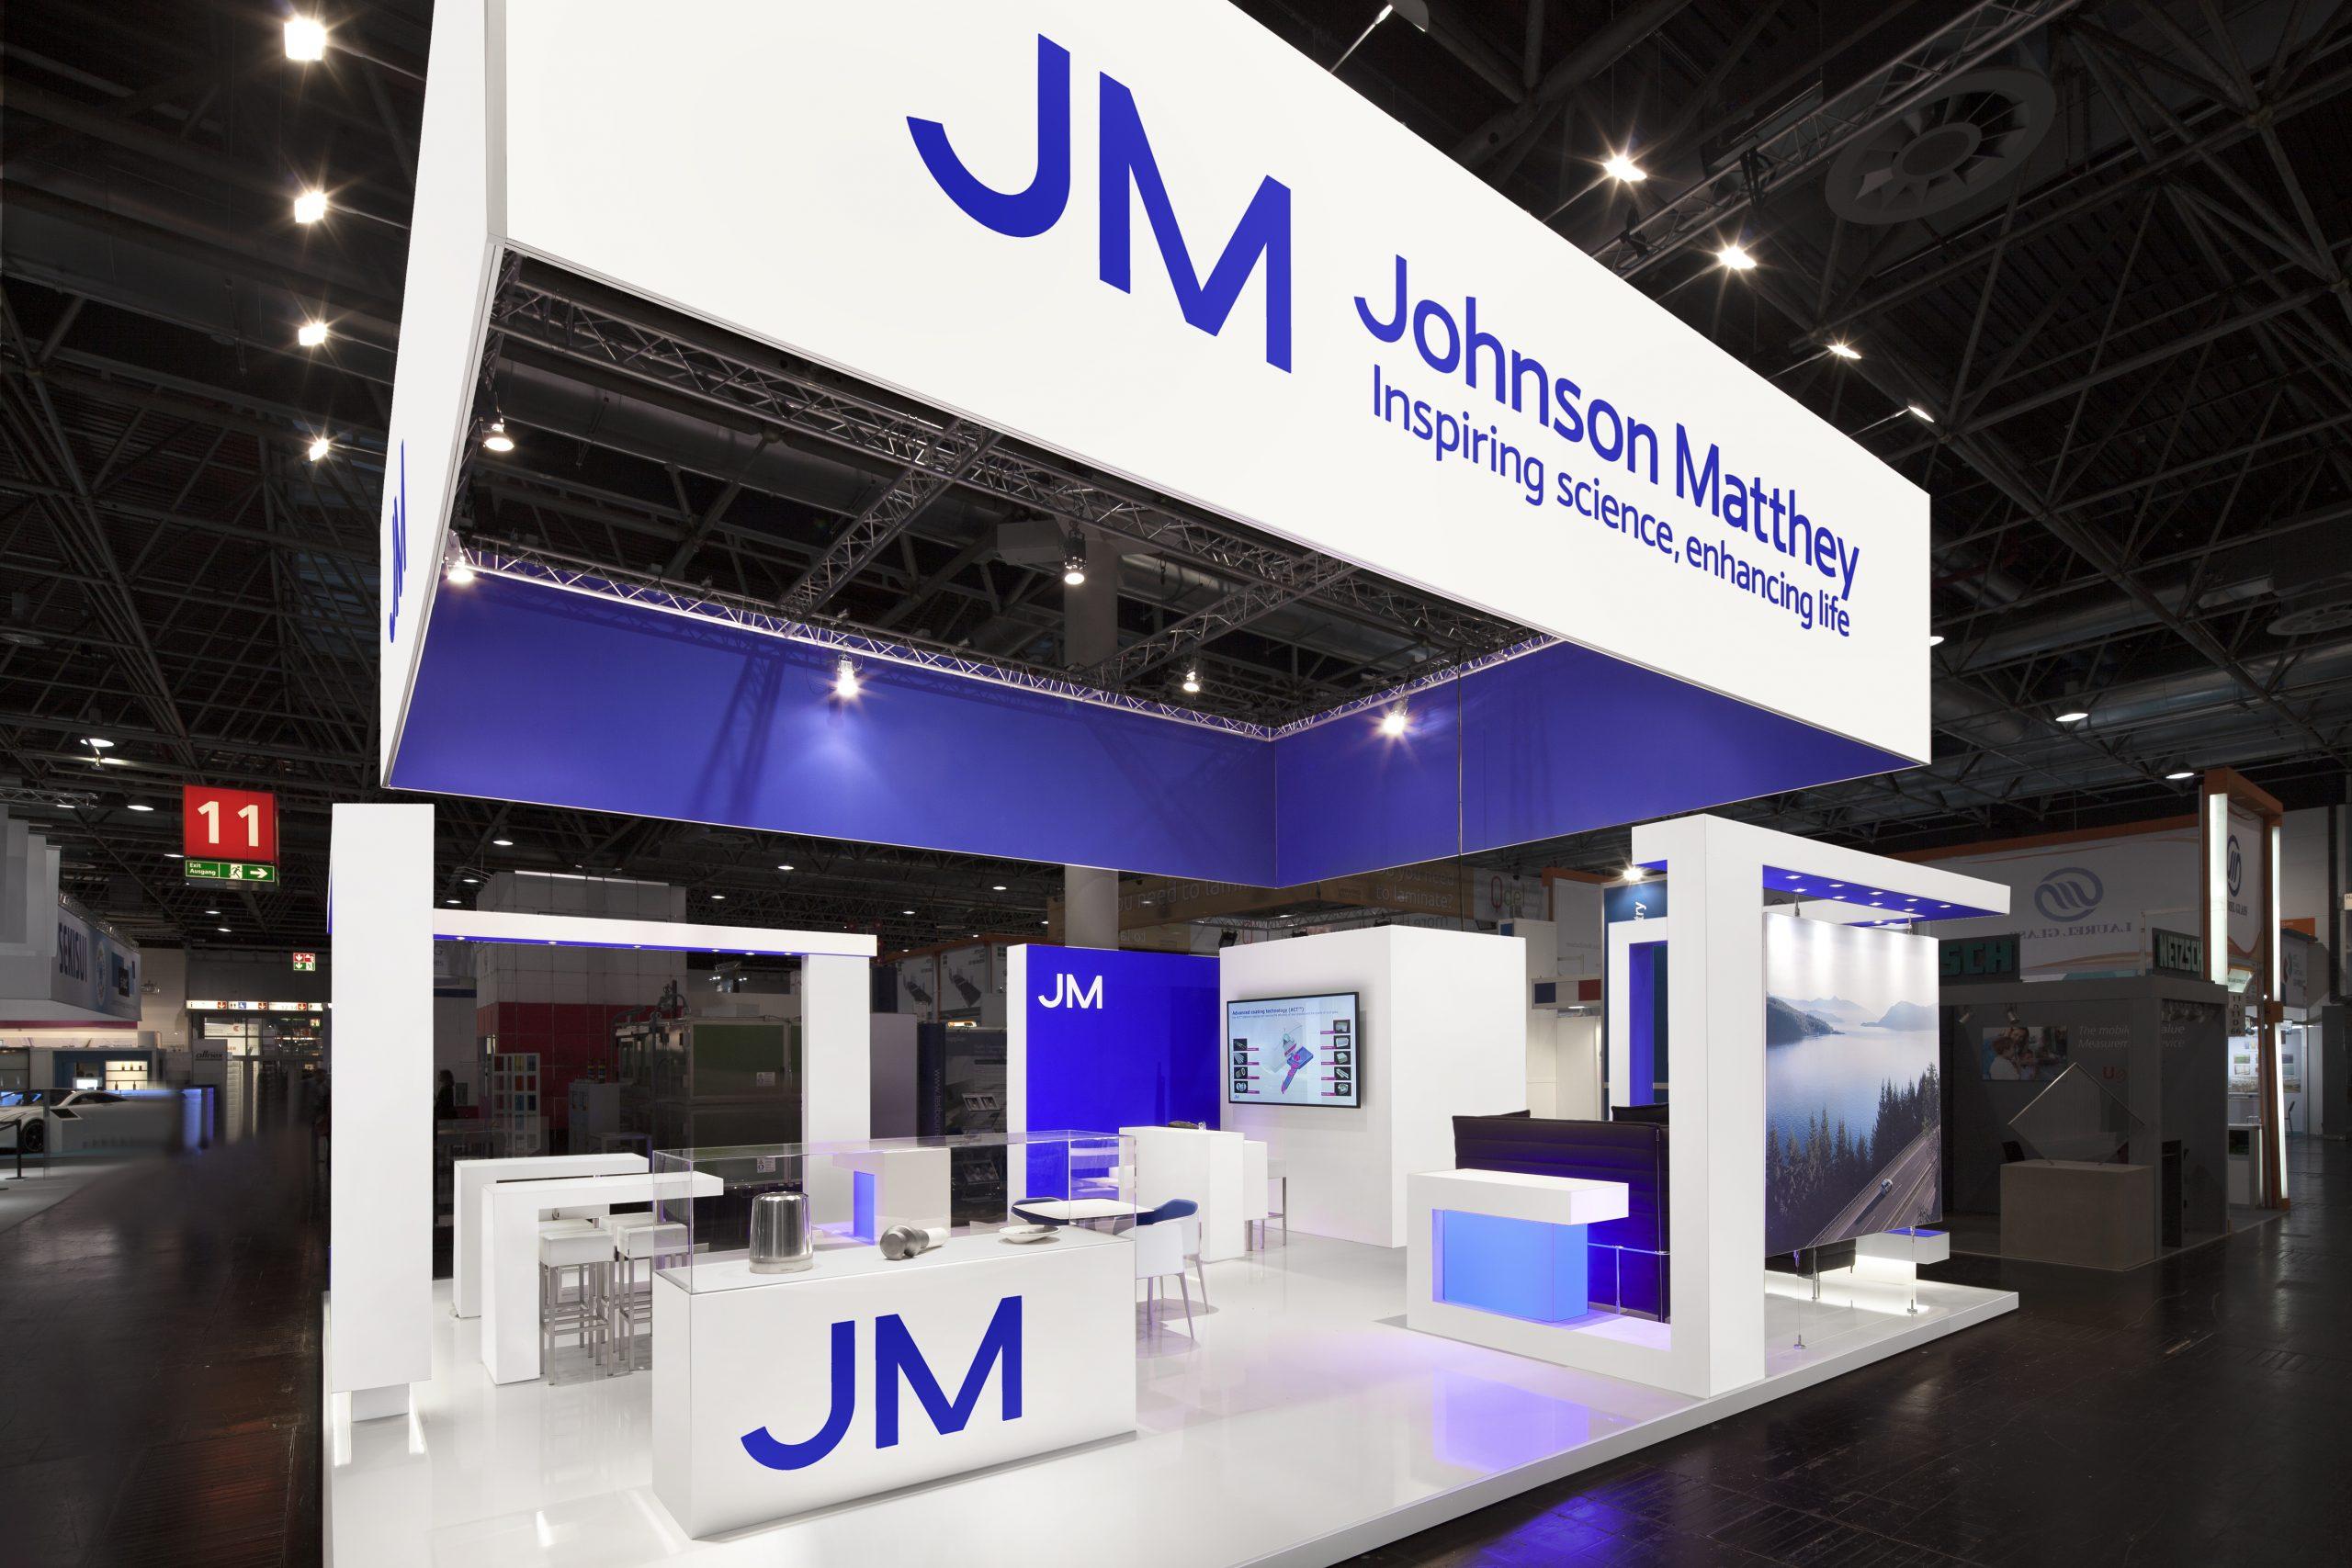 CAS Exhibition Partners - Johnson Matthey - Glasstec 2018 - Dusseldorf - Standbouwfotografie #0895